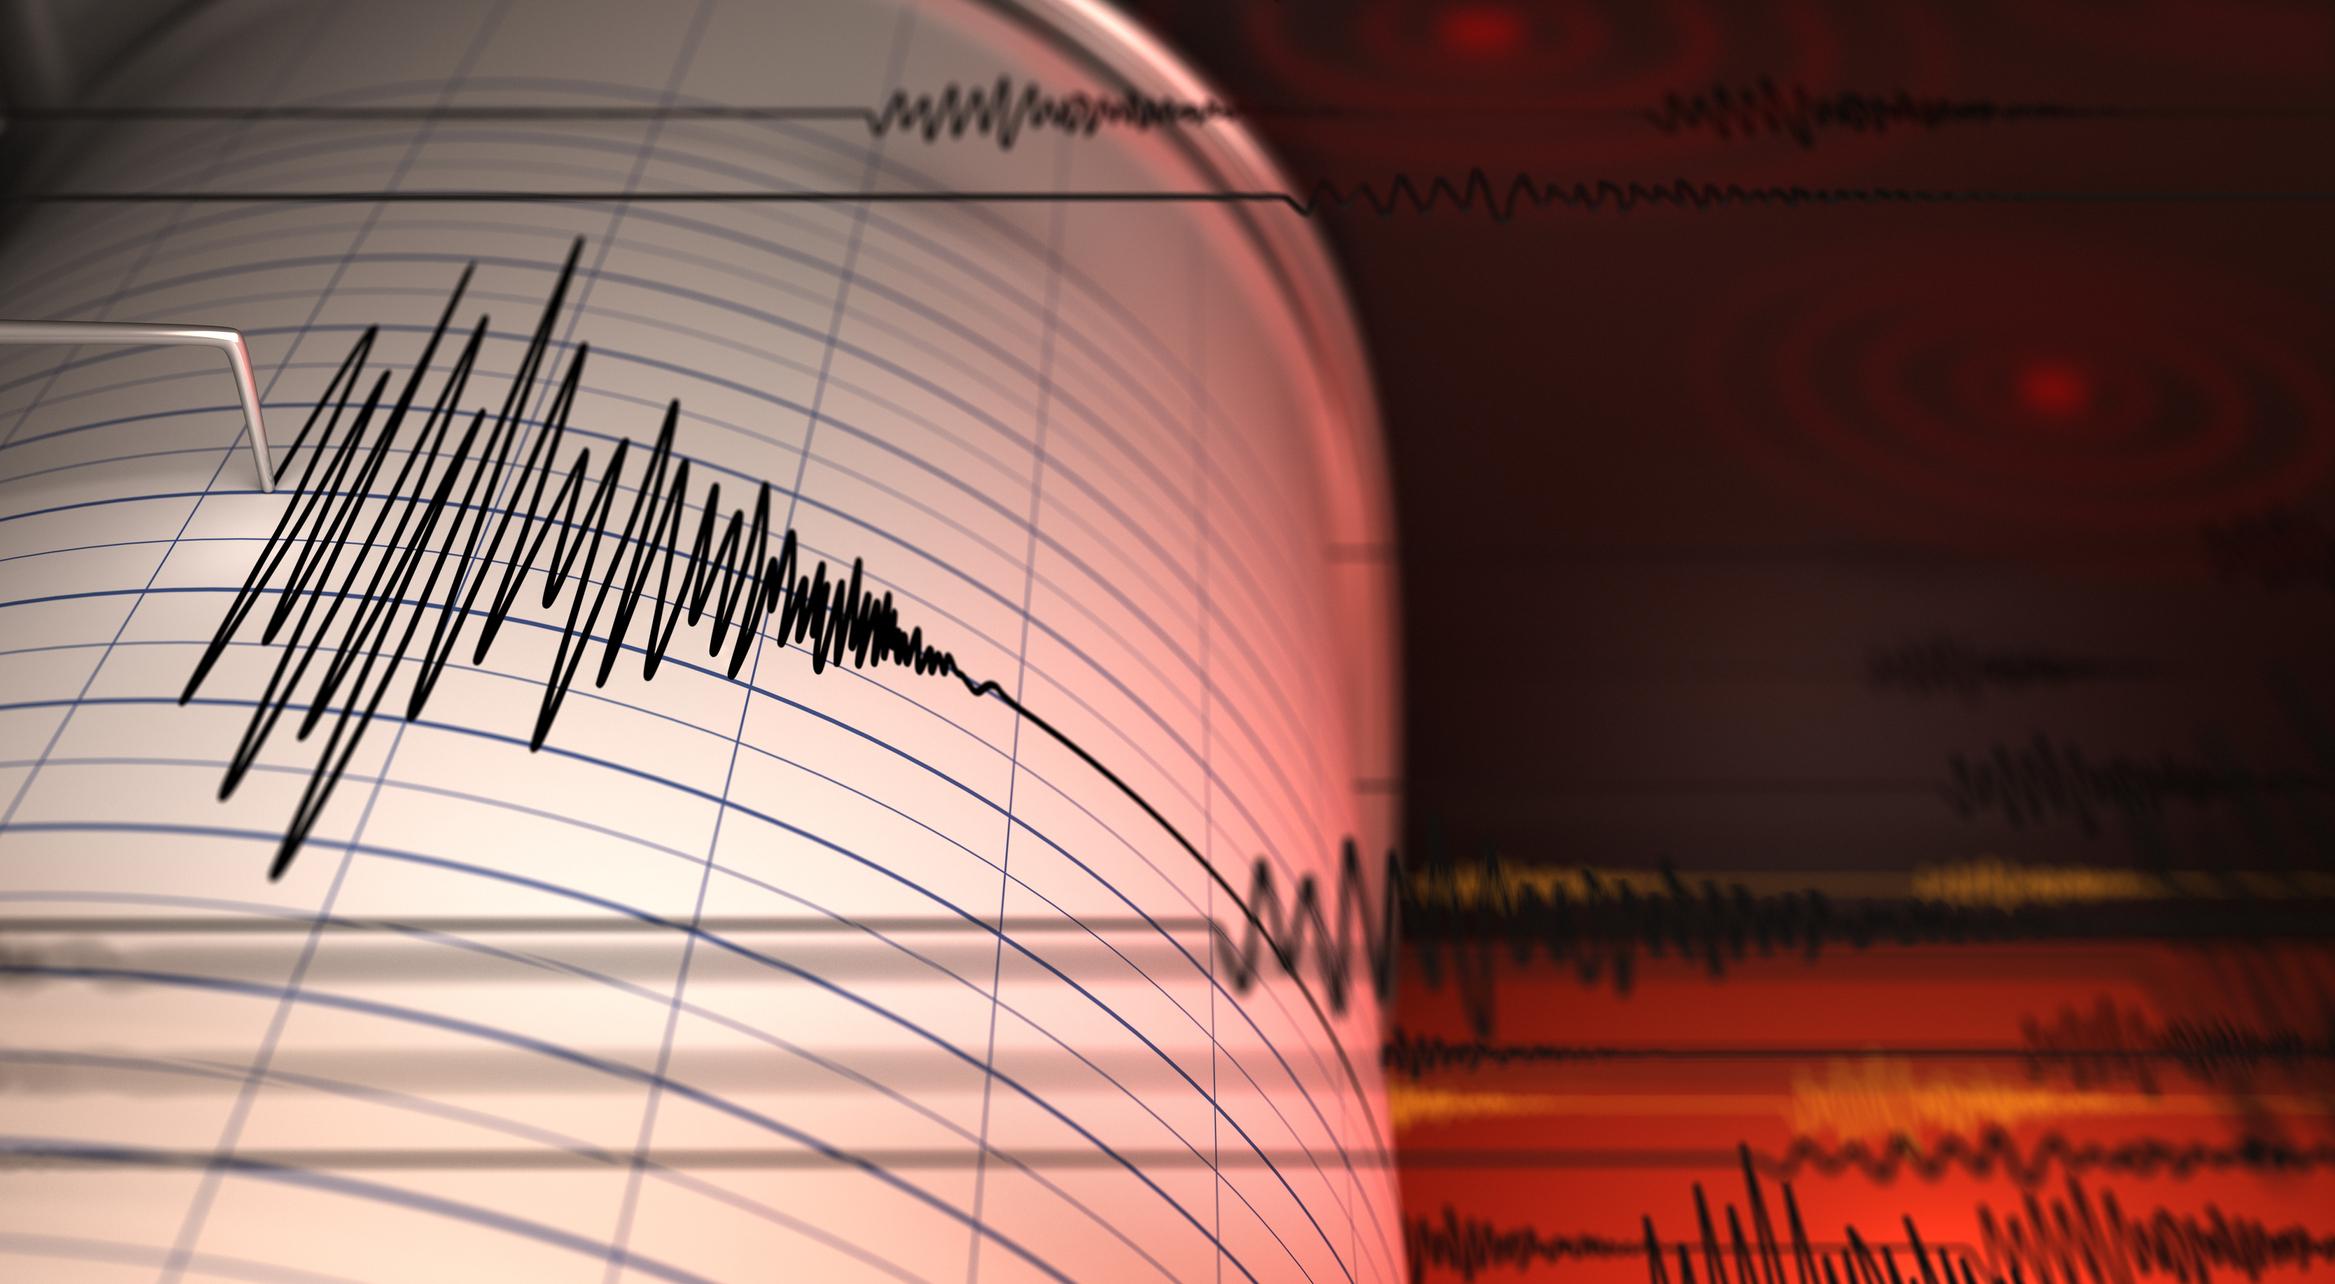 Două cutremure cu magnitudinea peste 3 au fost înregistrate duminică dimineața, în zona Vrancea